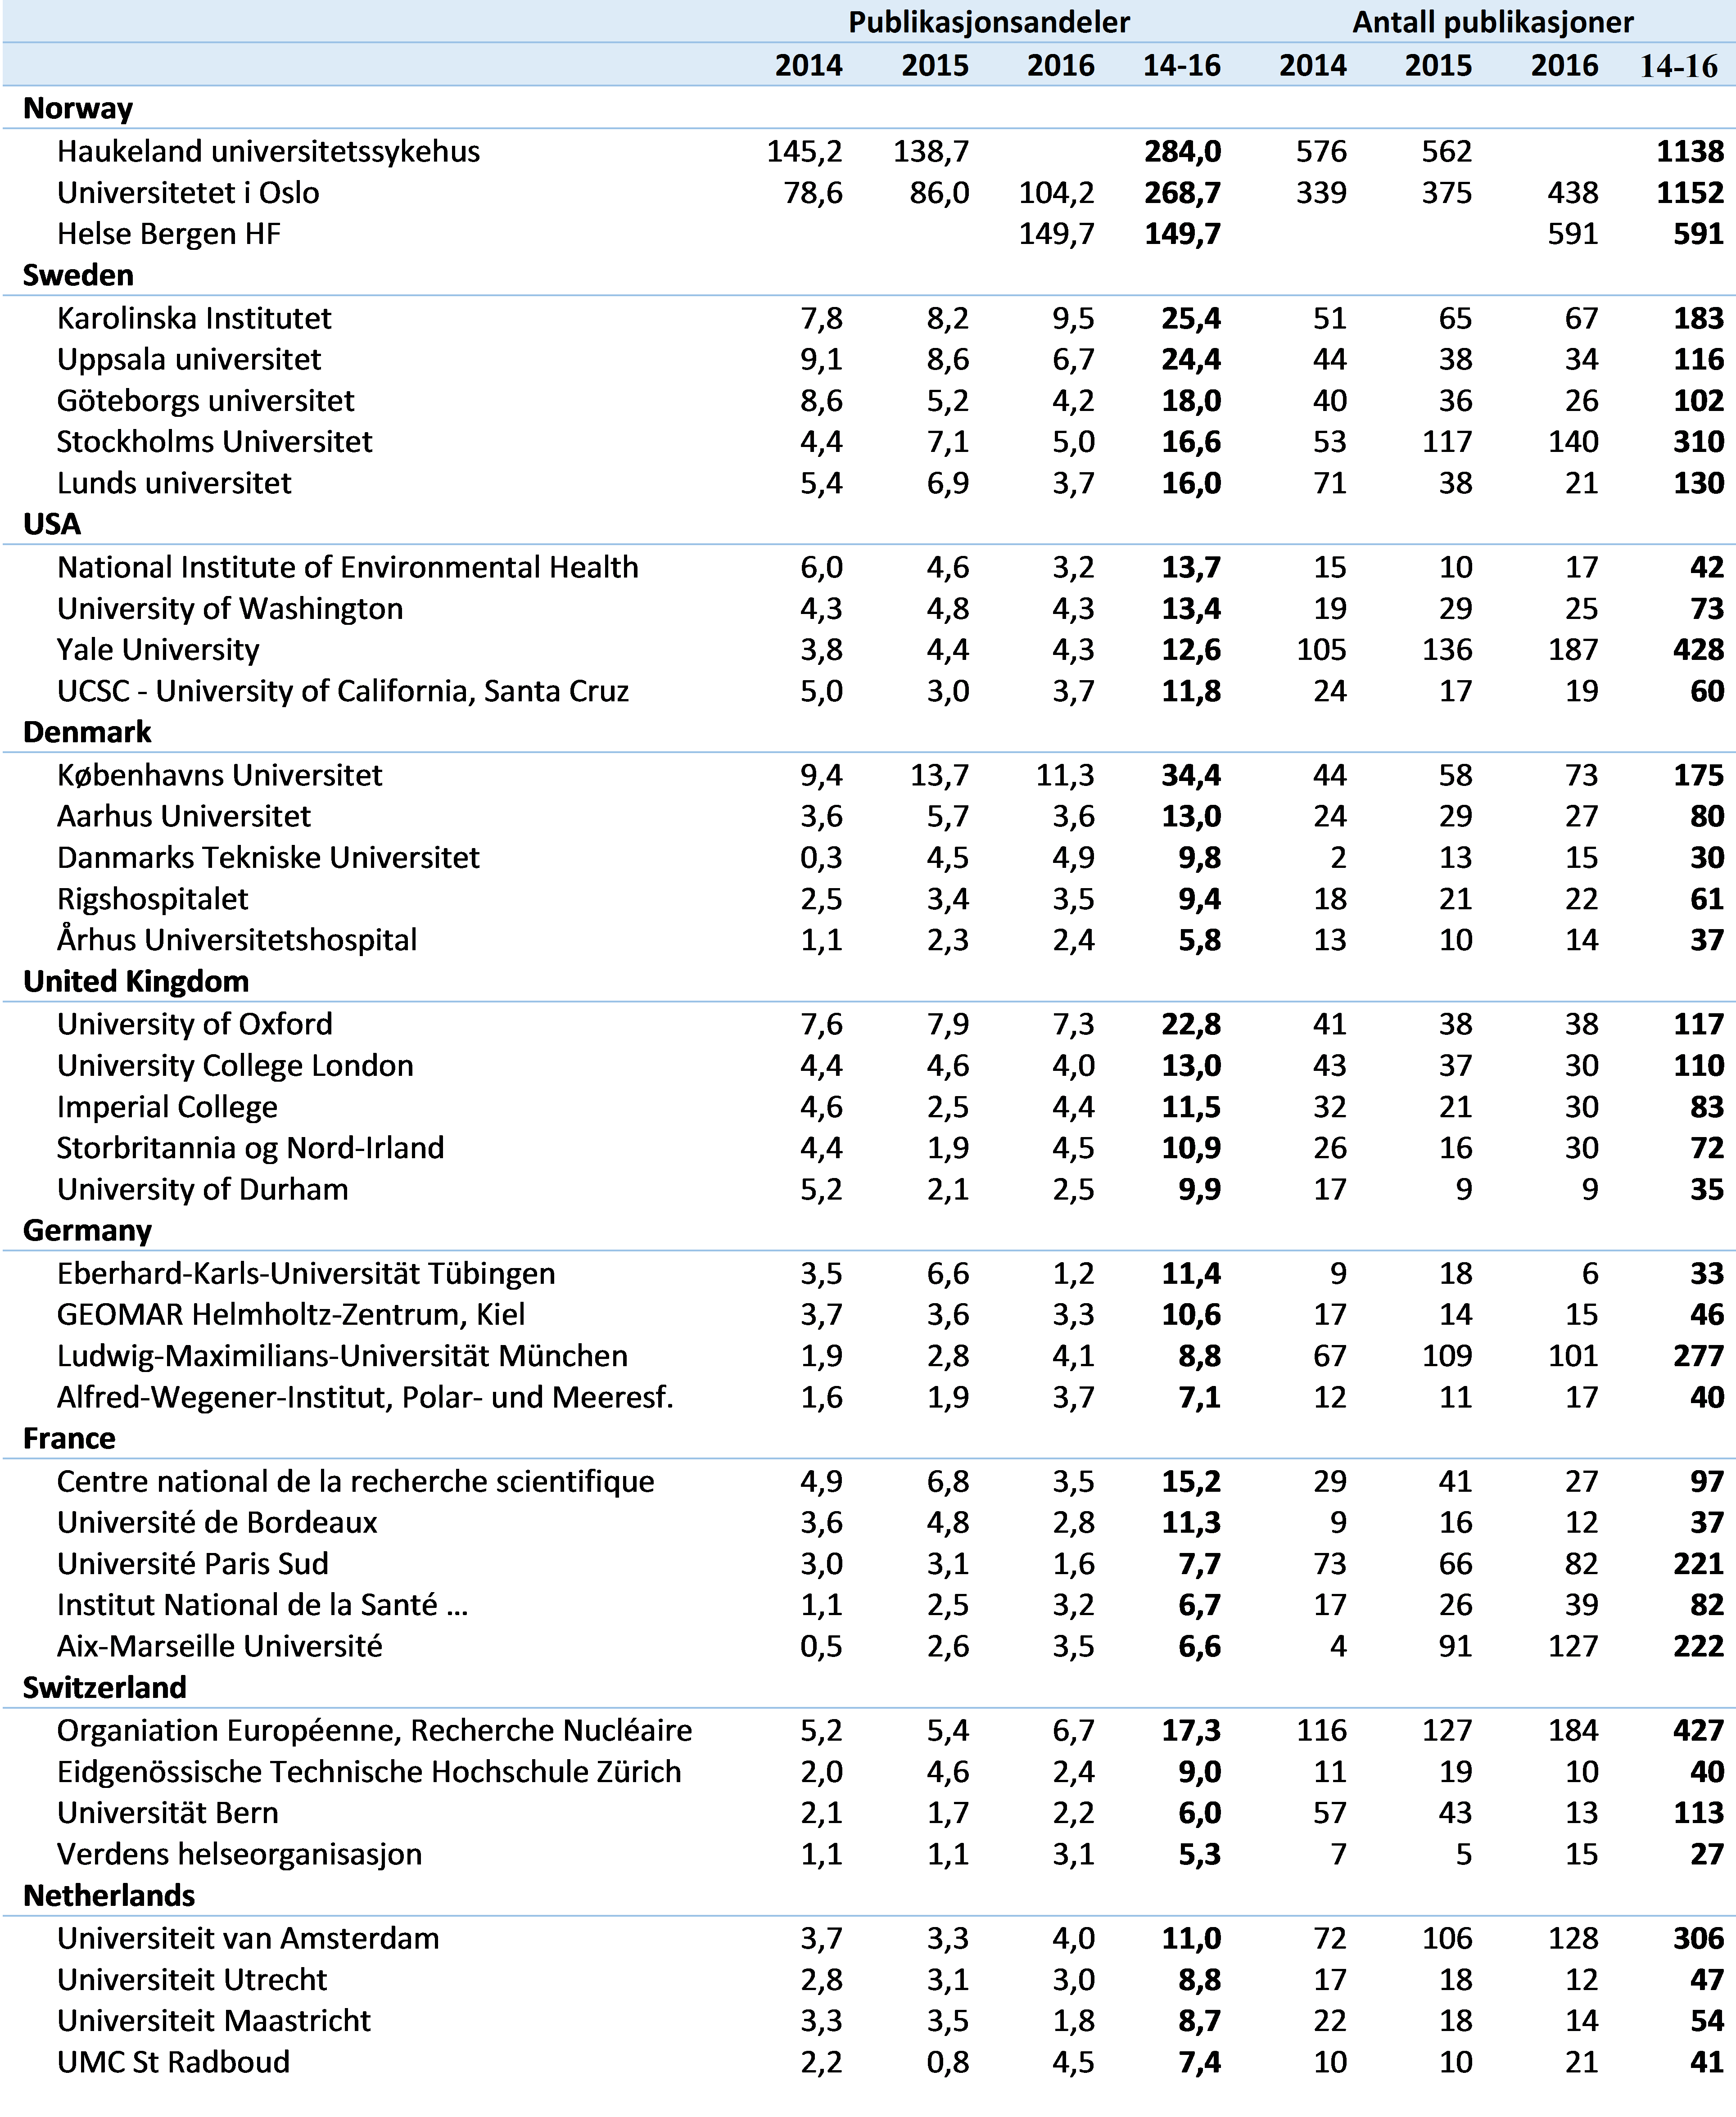 Tabell 6 Institusjonelt samforfatterskap per fakultet i sum publikasjonsandeler og antall publikasjoner, 2014-2016. Kun de mest sampubliserende land og institusjoner er listet (CERES).